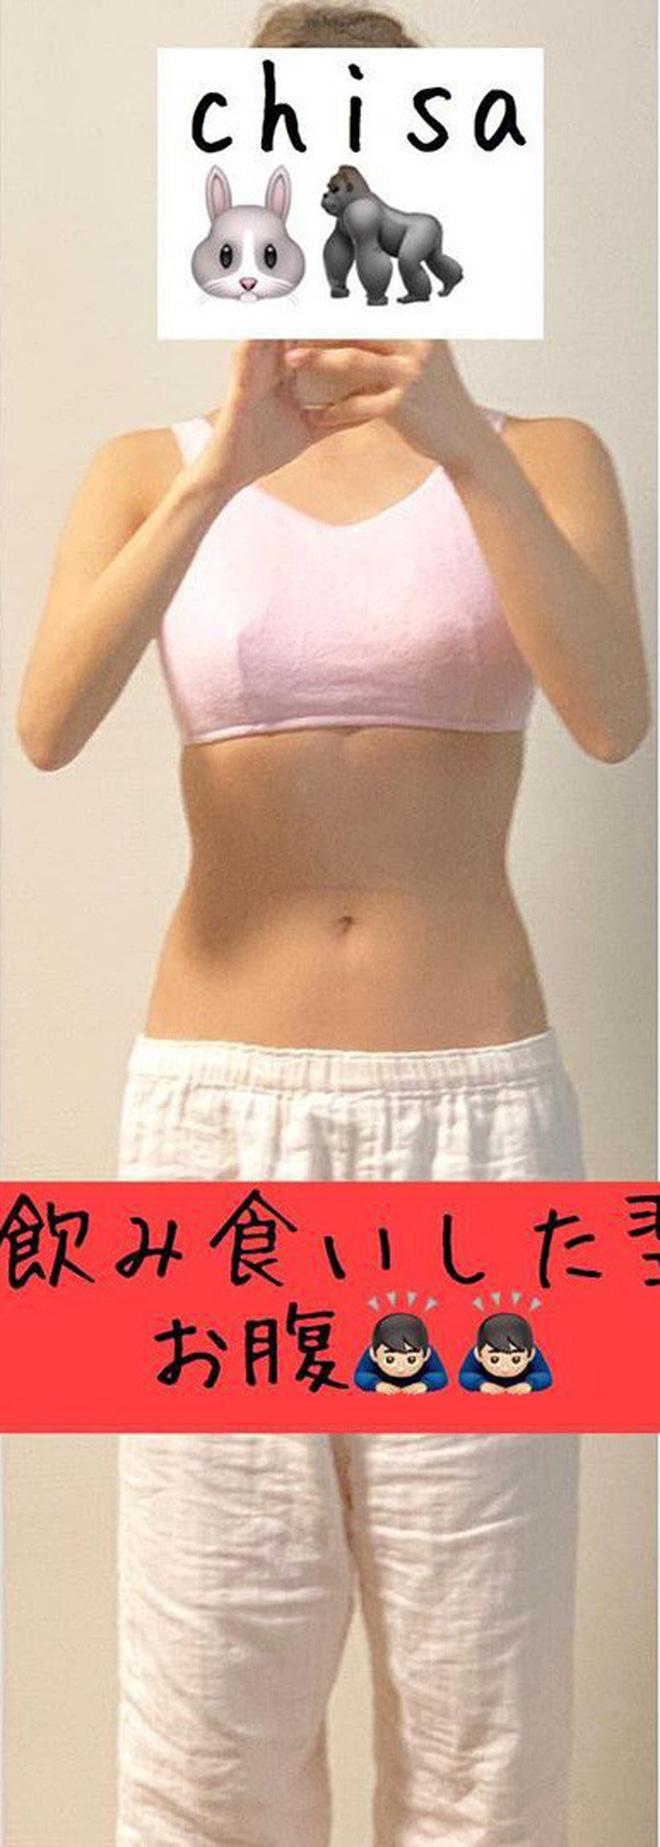 Tuân theo những nguyên tắc này khi ăn kiêng, cô nàng mũm mĩm người Nhật giảm liền 11kg chỉ sau 4 tháng - Ảnh 2